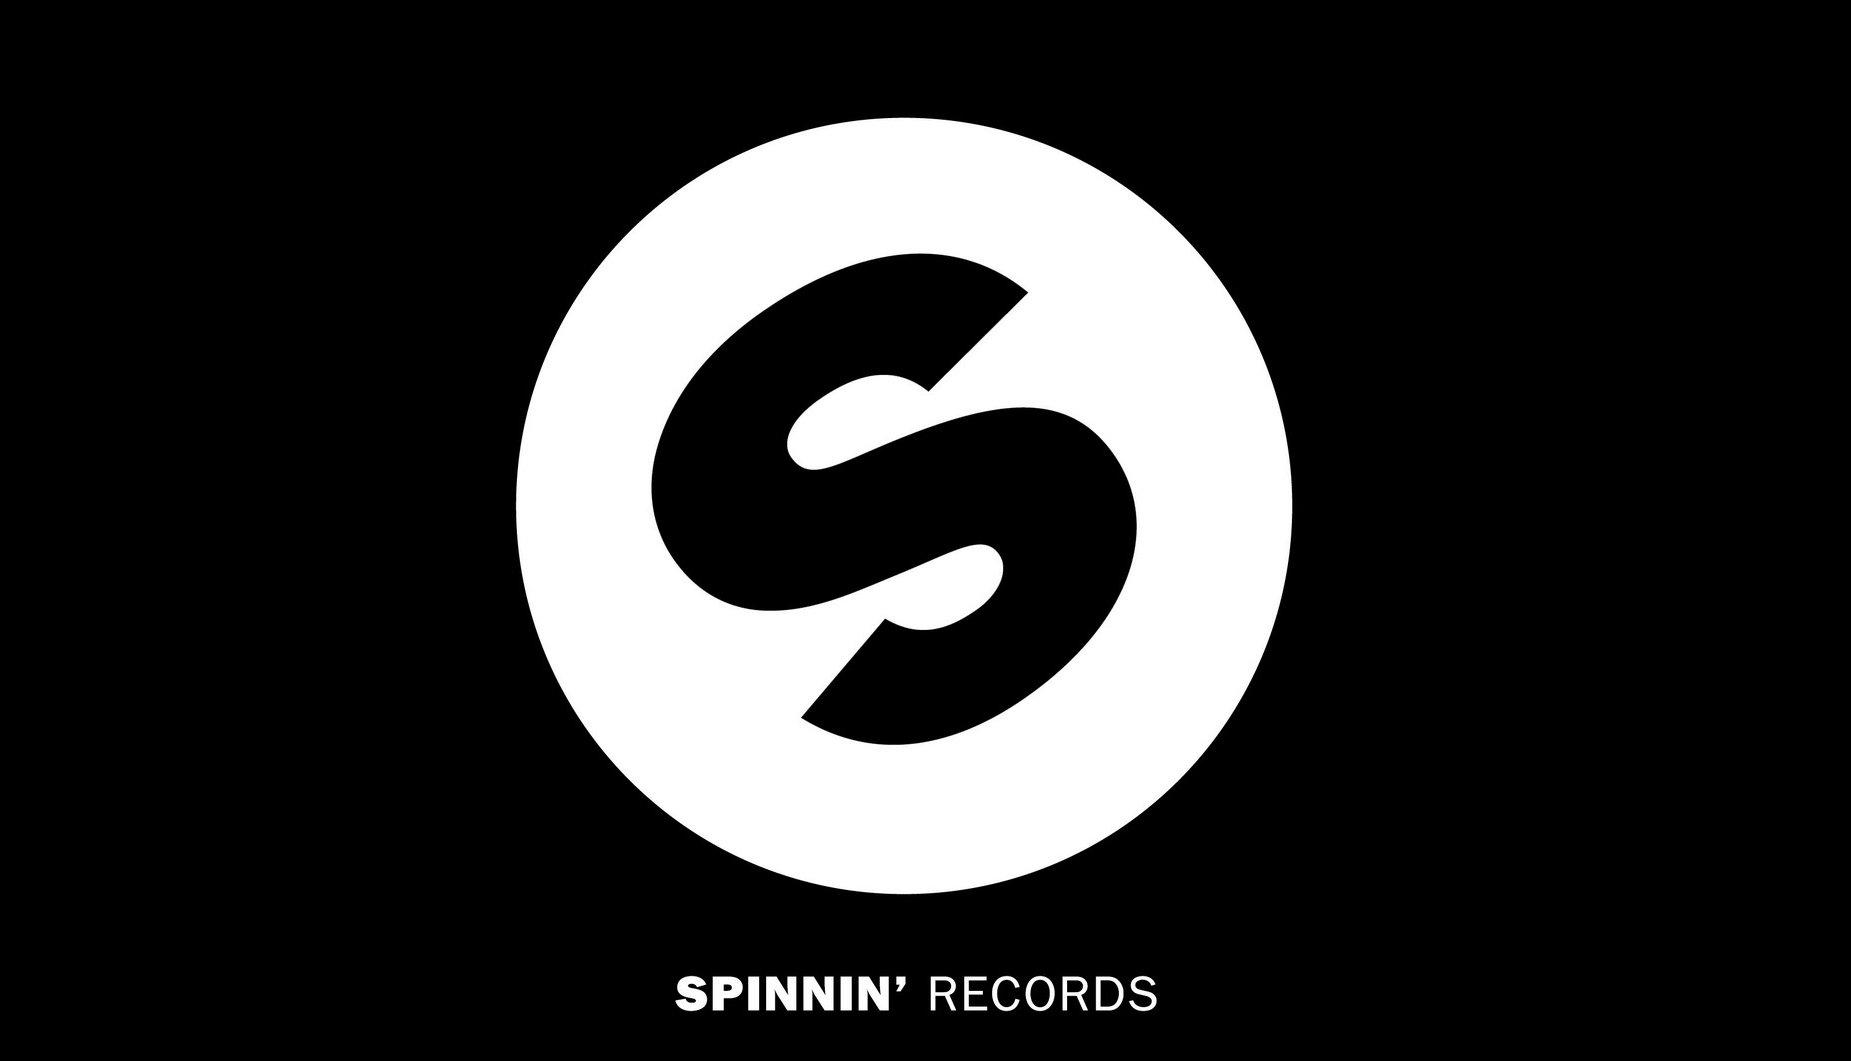 WARNER BUYS SPINNIN' RECORDS IN $100M+ DEAL ile ilgili görsel sonucu